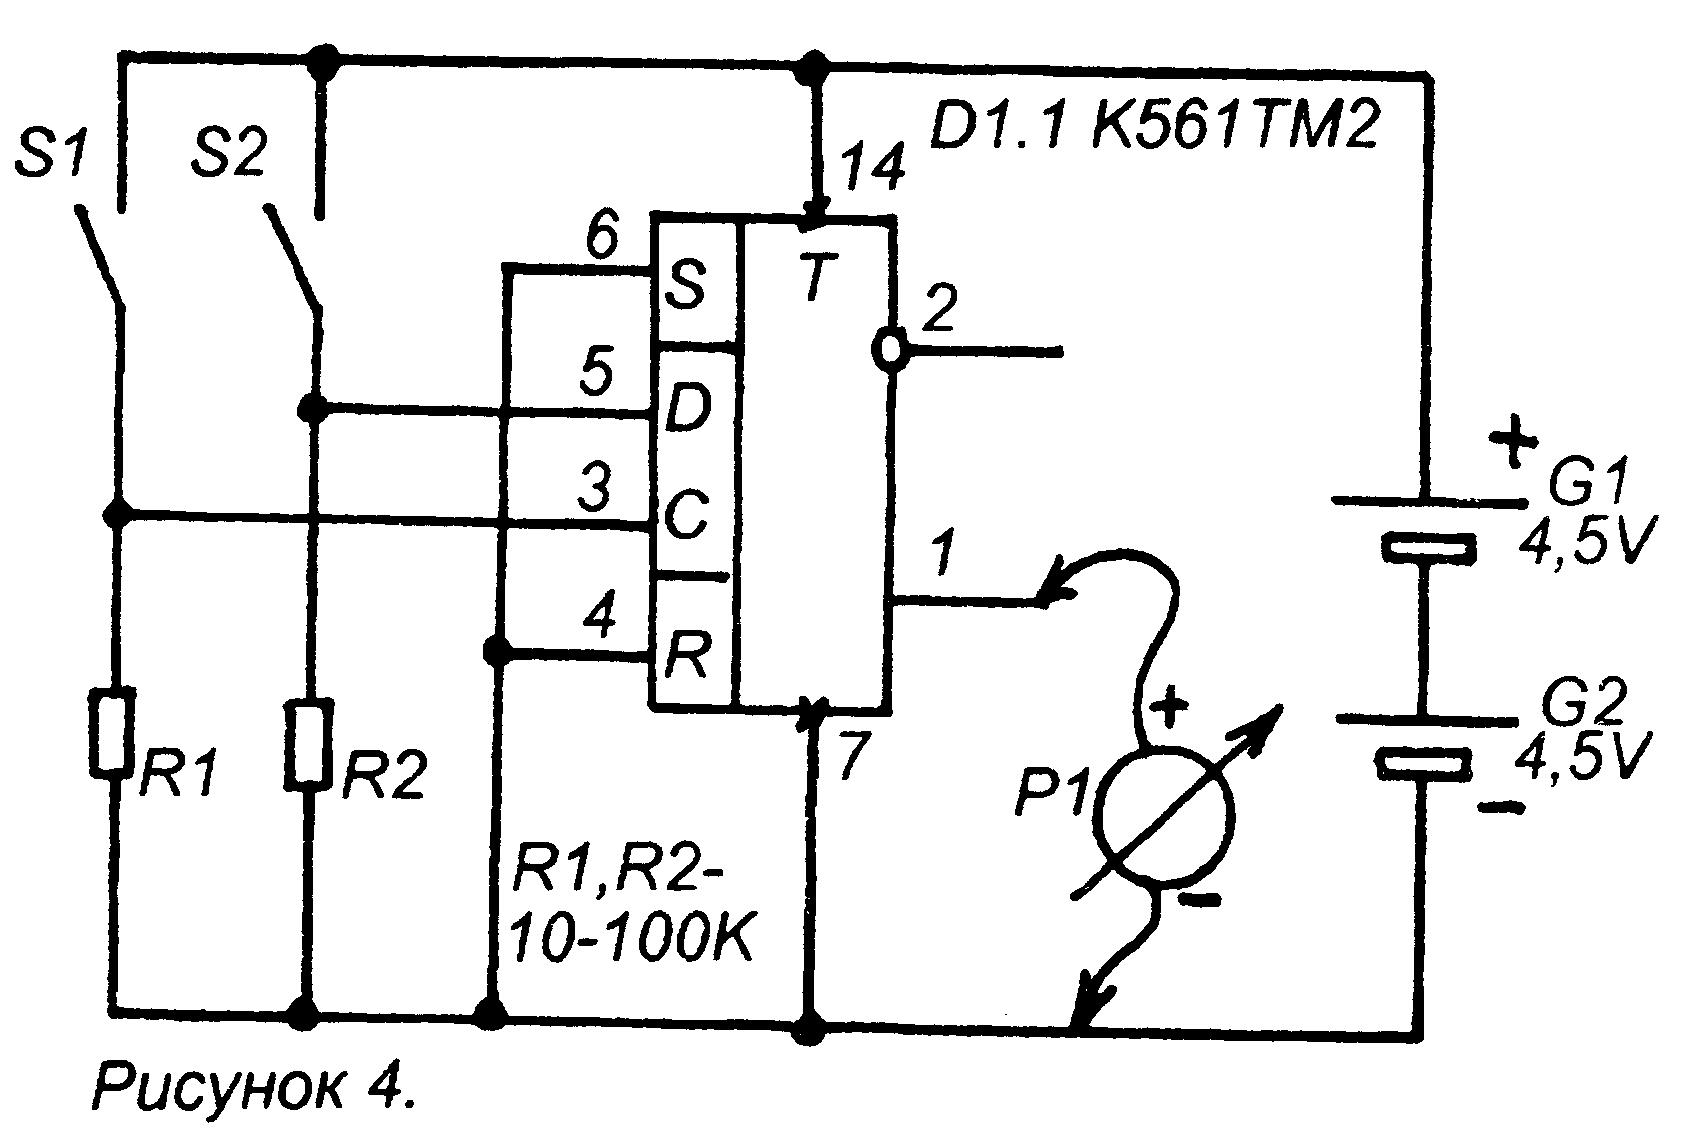 Включение реле кнопкой без фиксации - схемотехника для начинающих - форум по радиоэлектронике